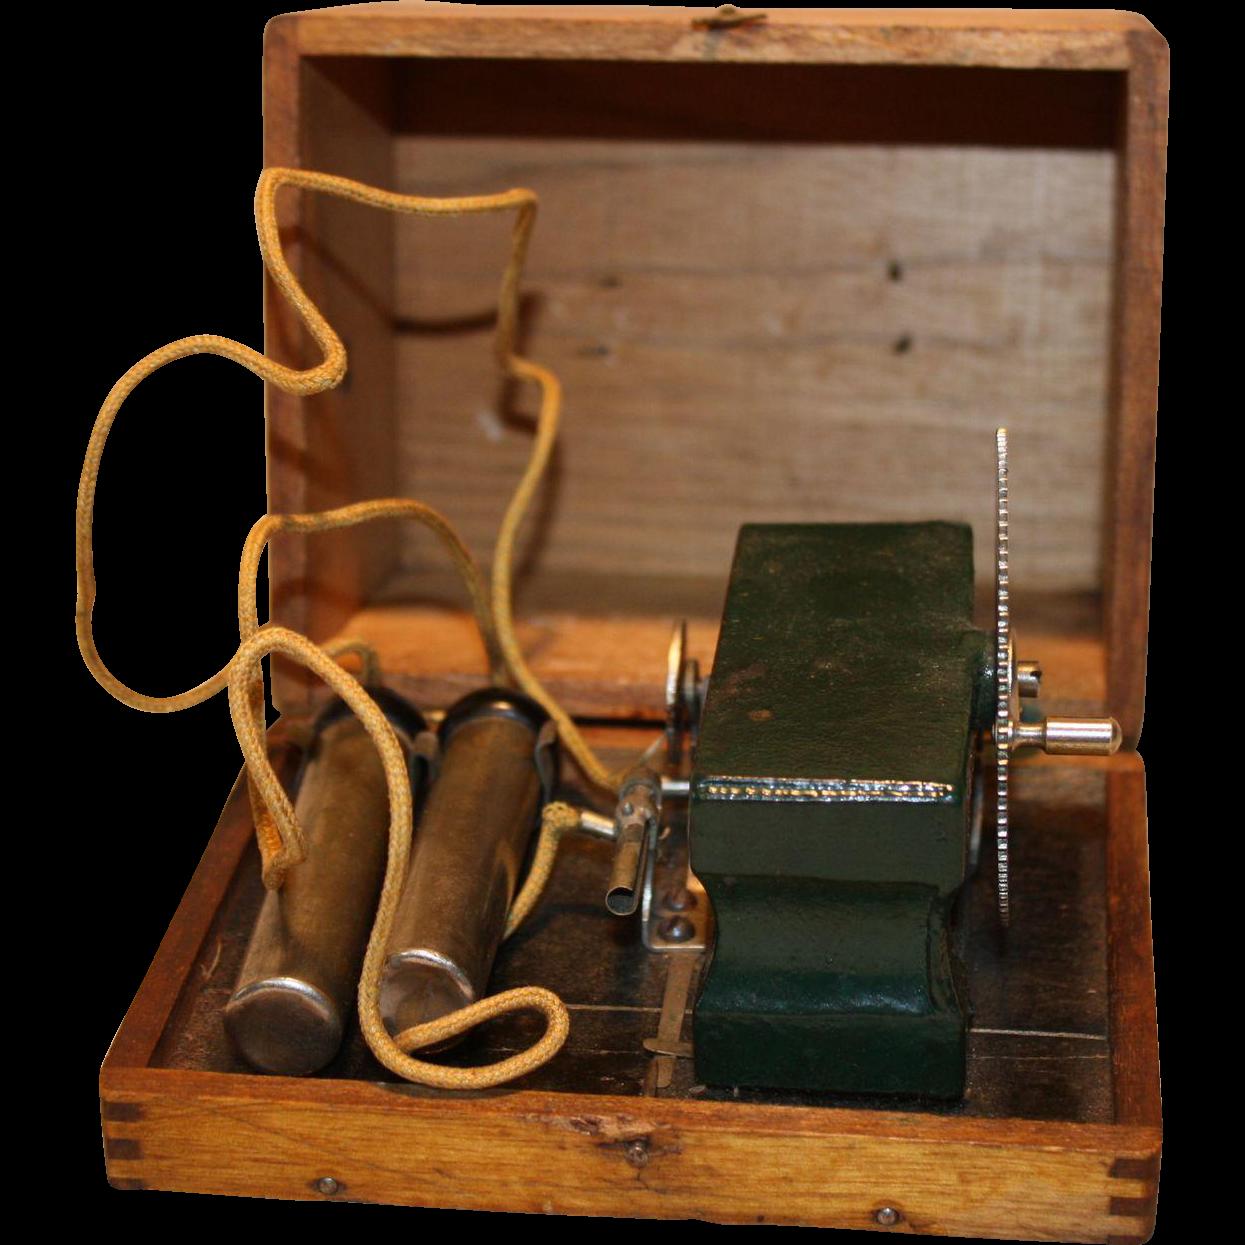 Hand Crank Tesla Thriller type Electric Shock Generator 18-1900's